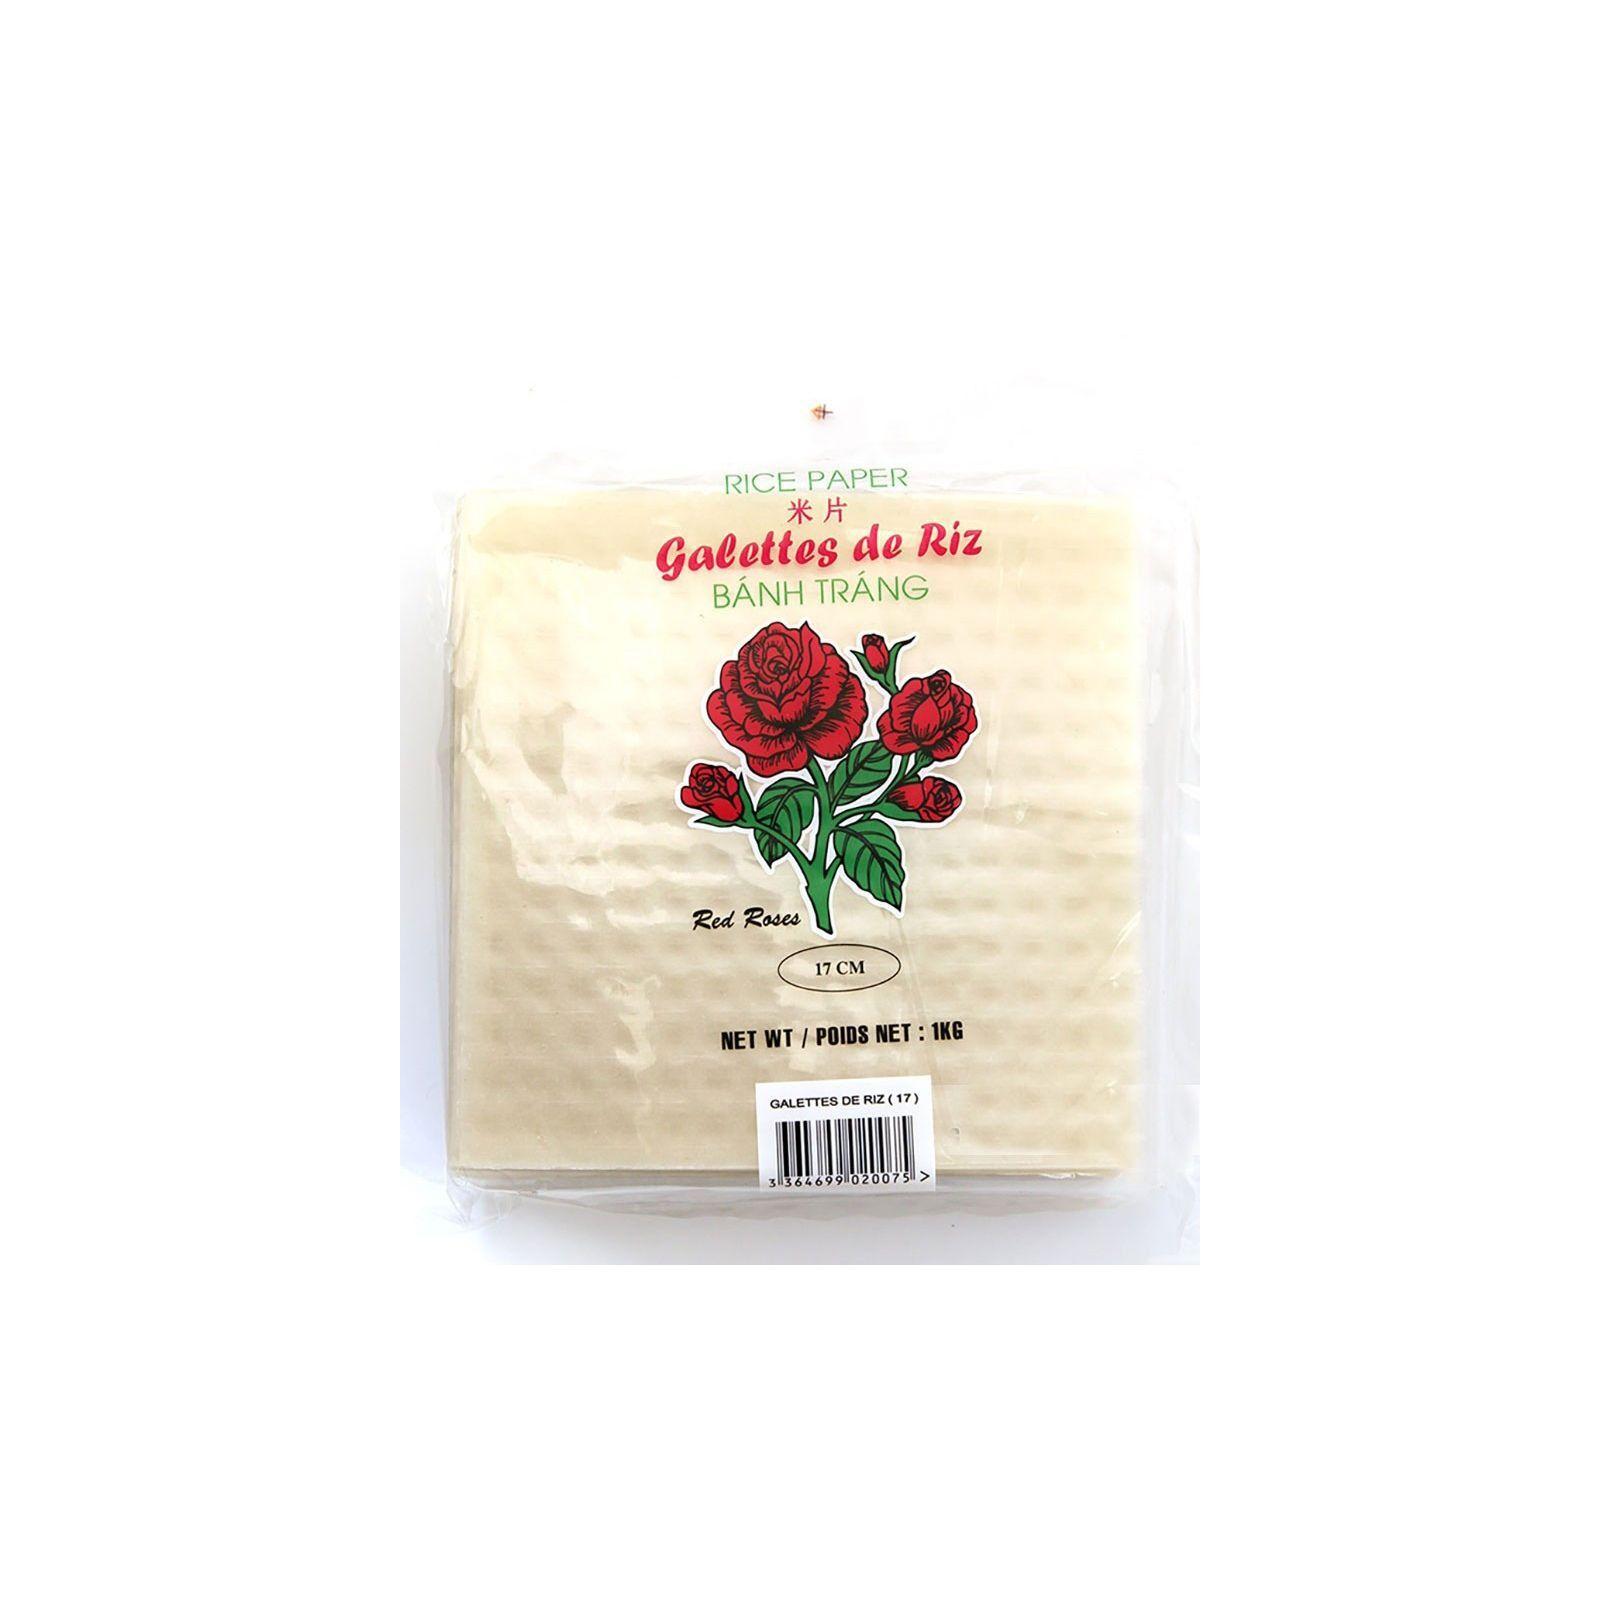 Asia Marché Galettes, Feuilles de riz carré 17 cm 1kg Red Roses